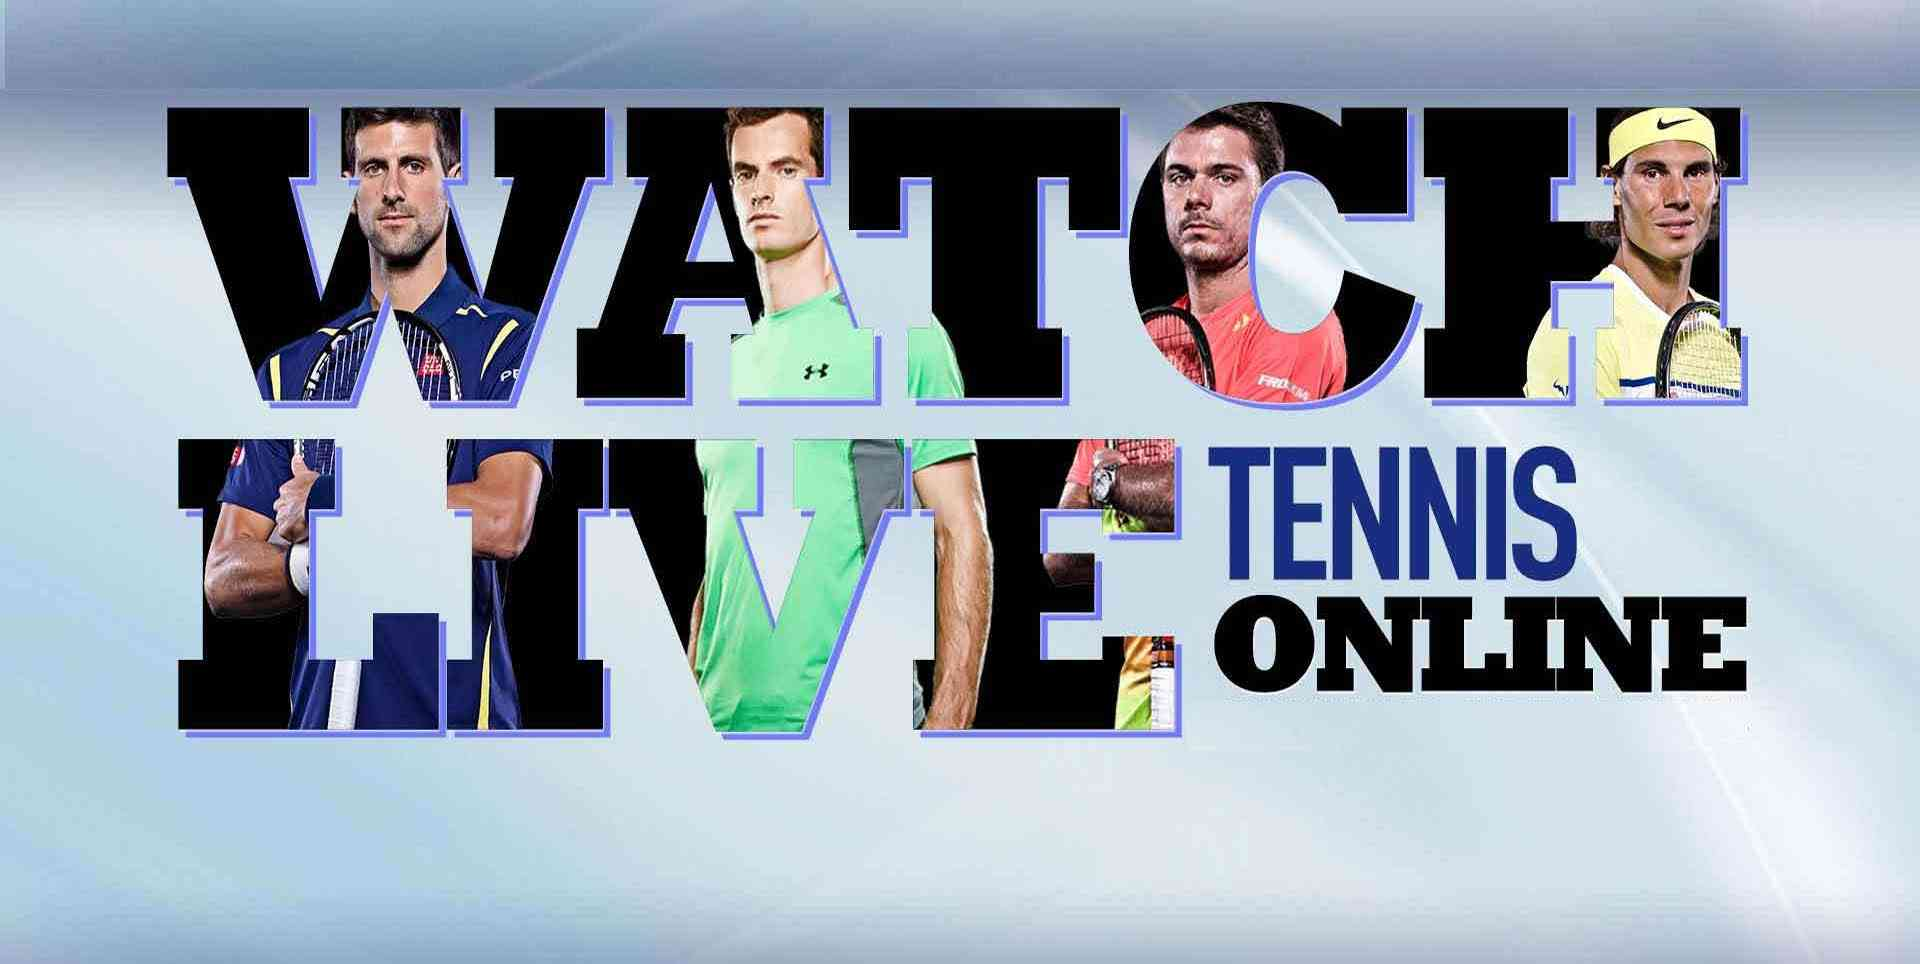 Watch 2nd Round T. Berdych vs A. Nedovyesovr Online